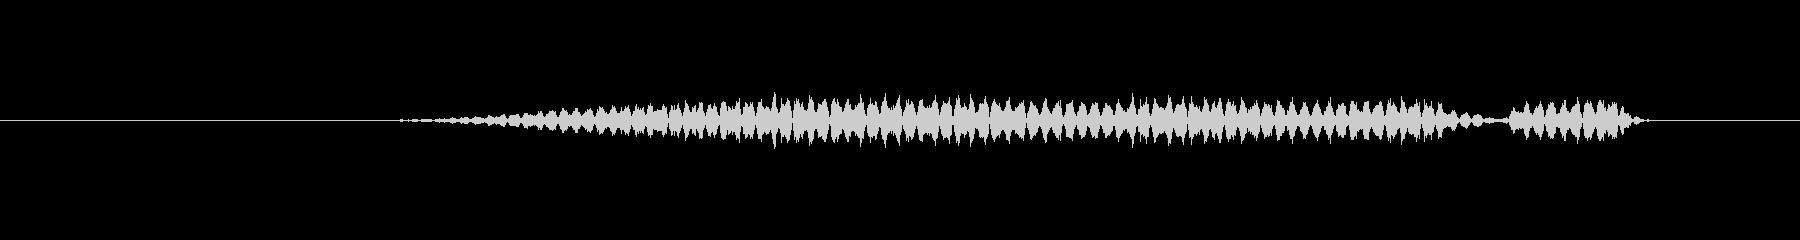 特撮 インターフェースビープ音02の未再生の波形